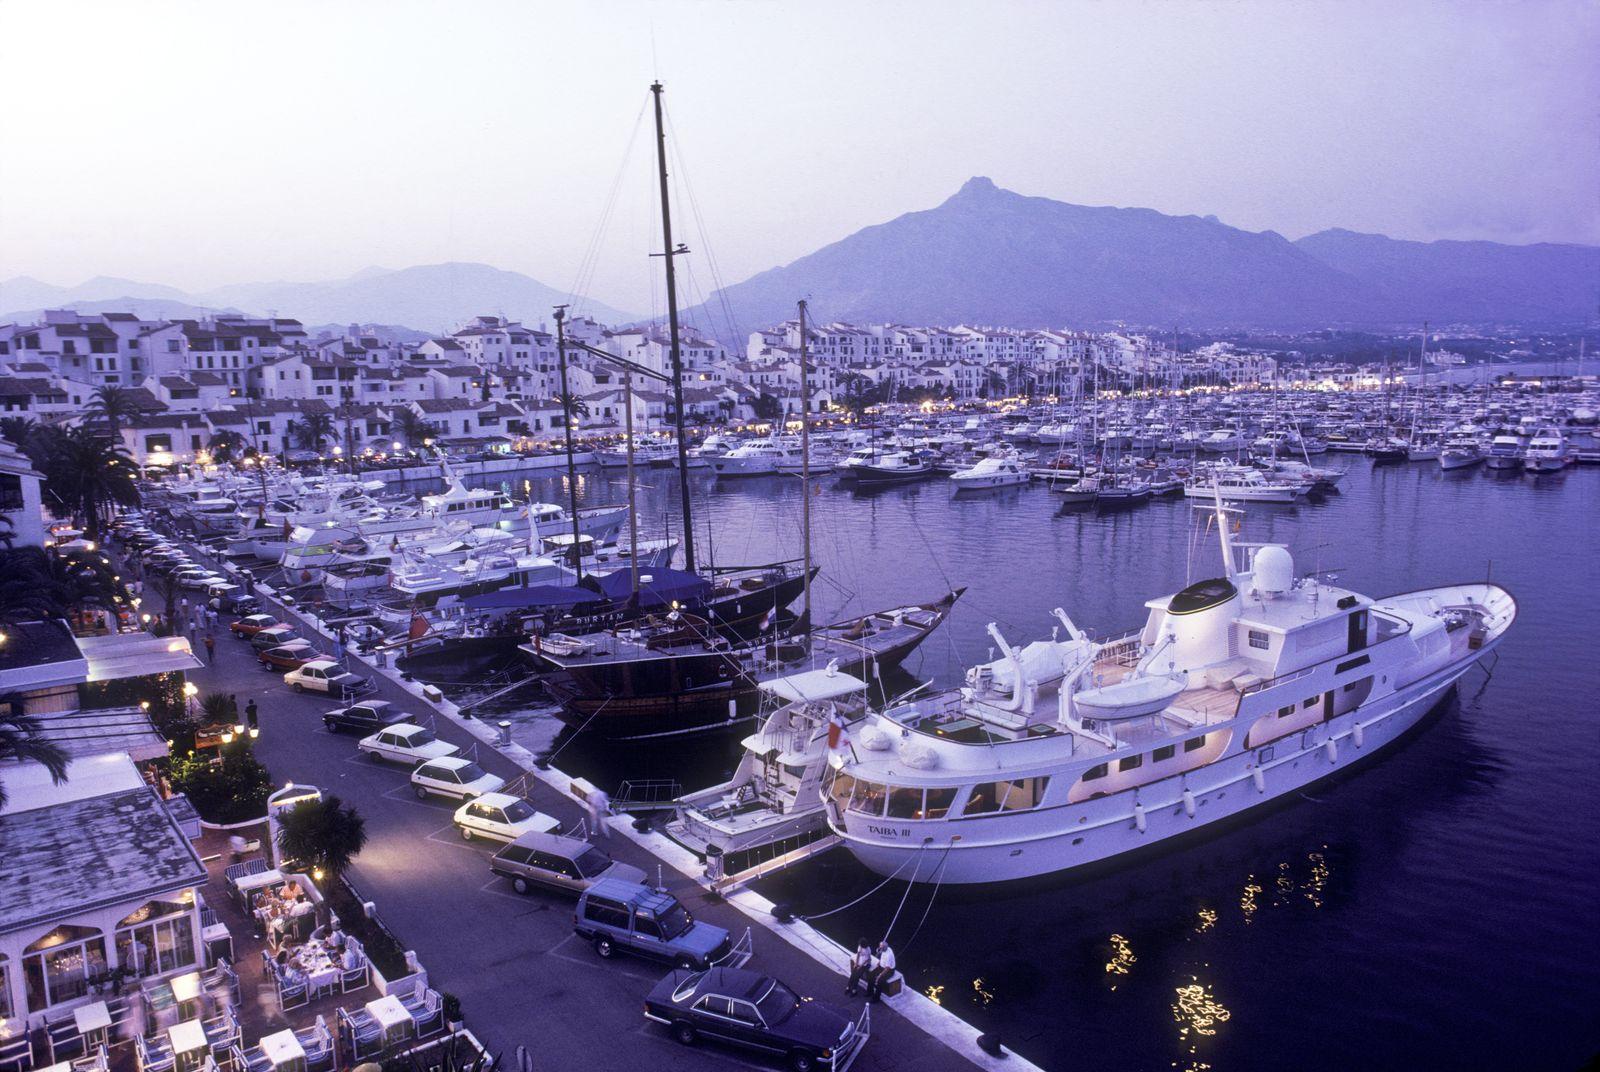 NICHT MEHR VERWENDEN! - Marbella, Spanien / Hafen